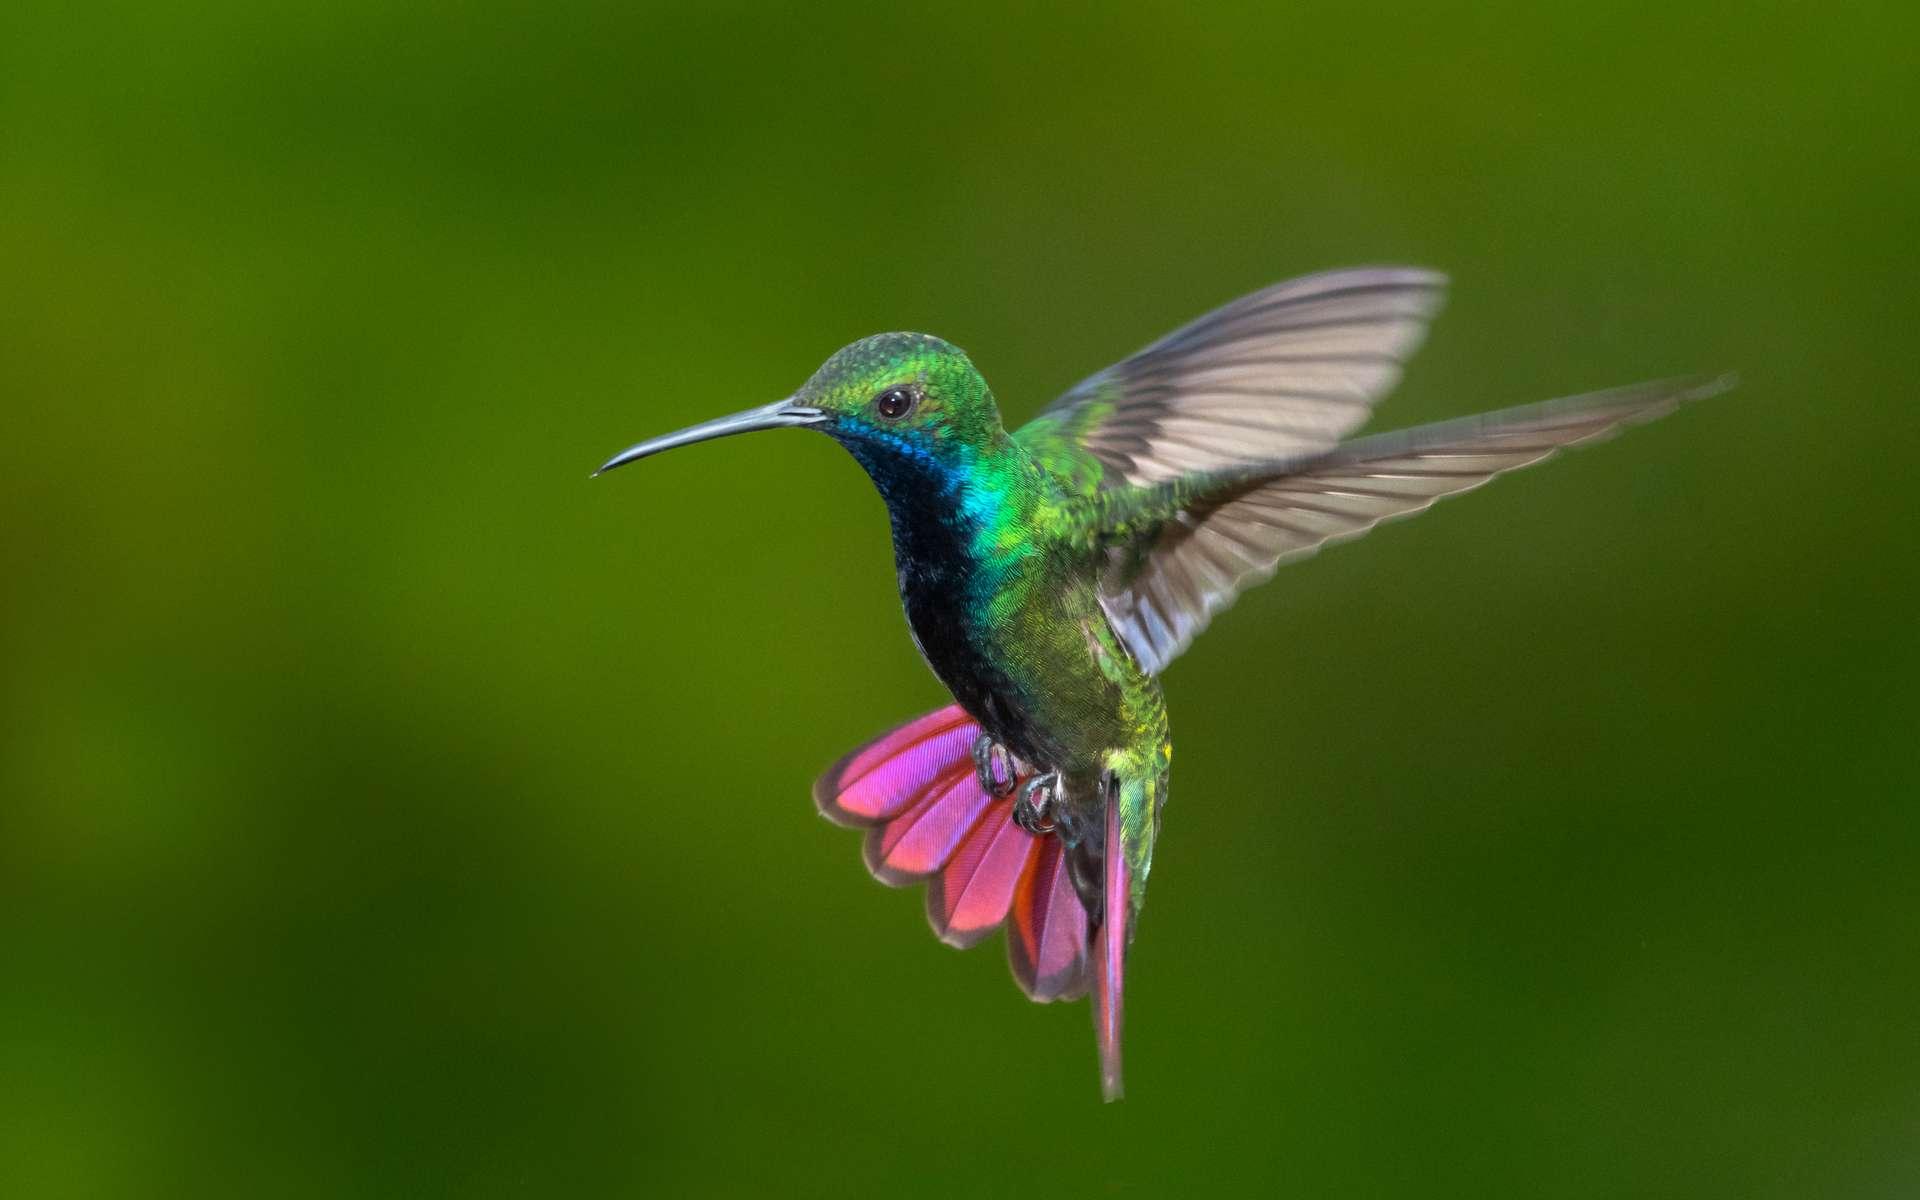 Des chercheurs ont étudié le vol des colibris à travers une cascade. © Chelsea, Adobe Stock